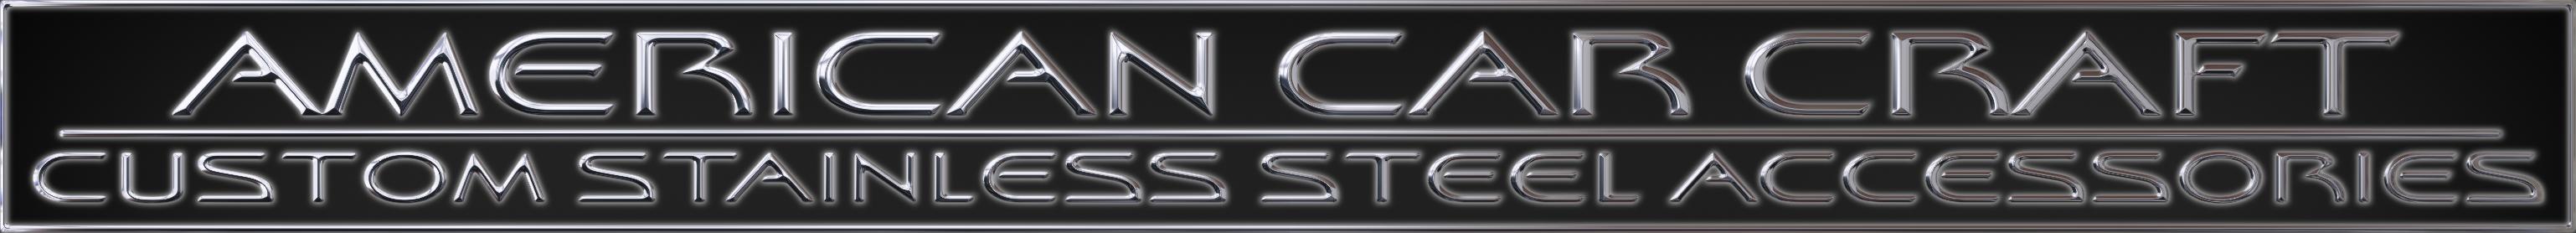 letter-logo-acc-black.jpg